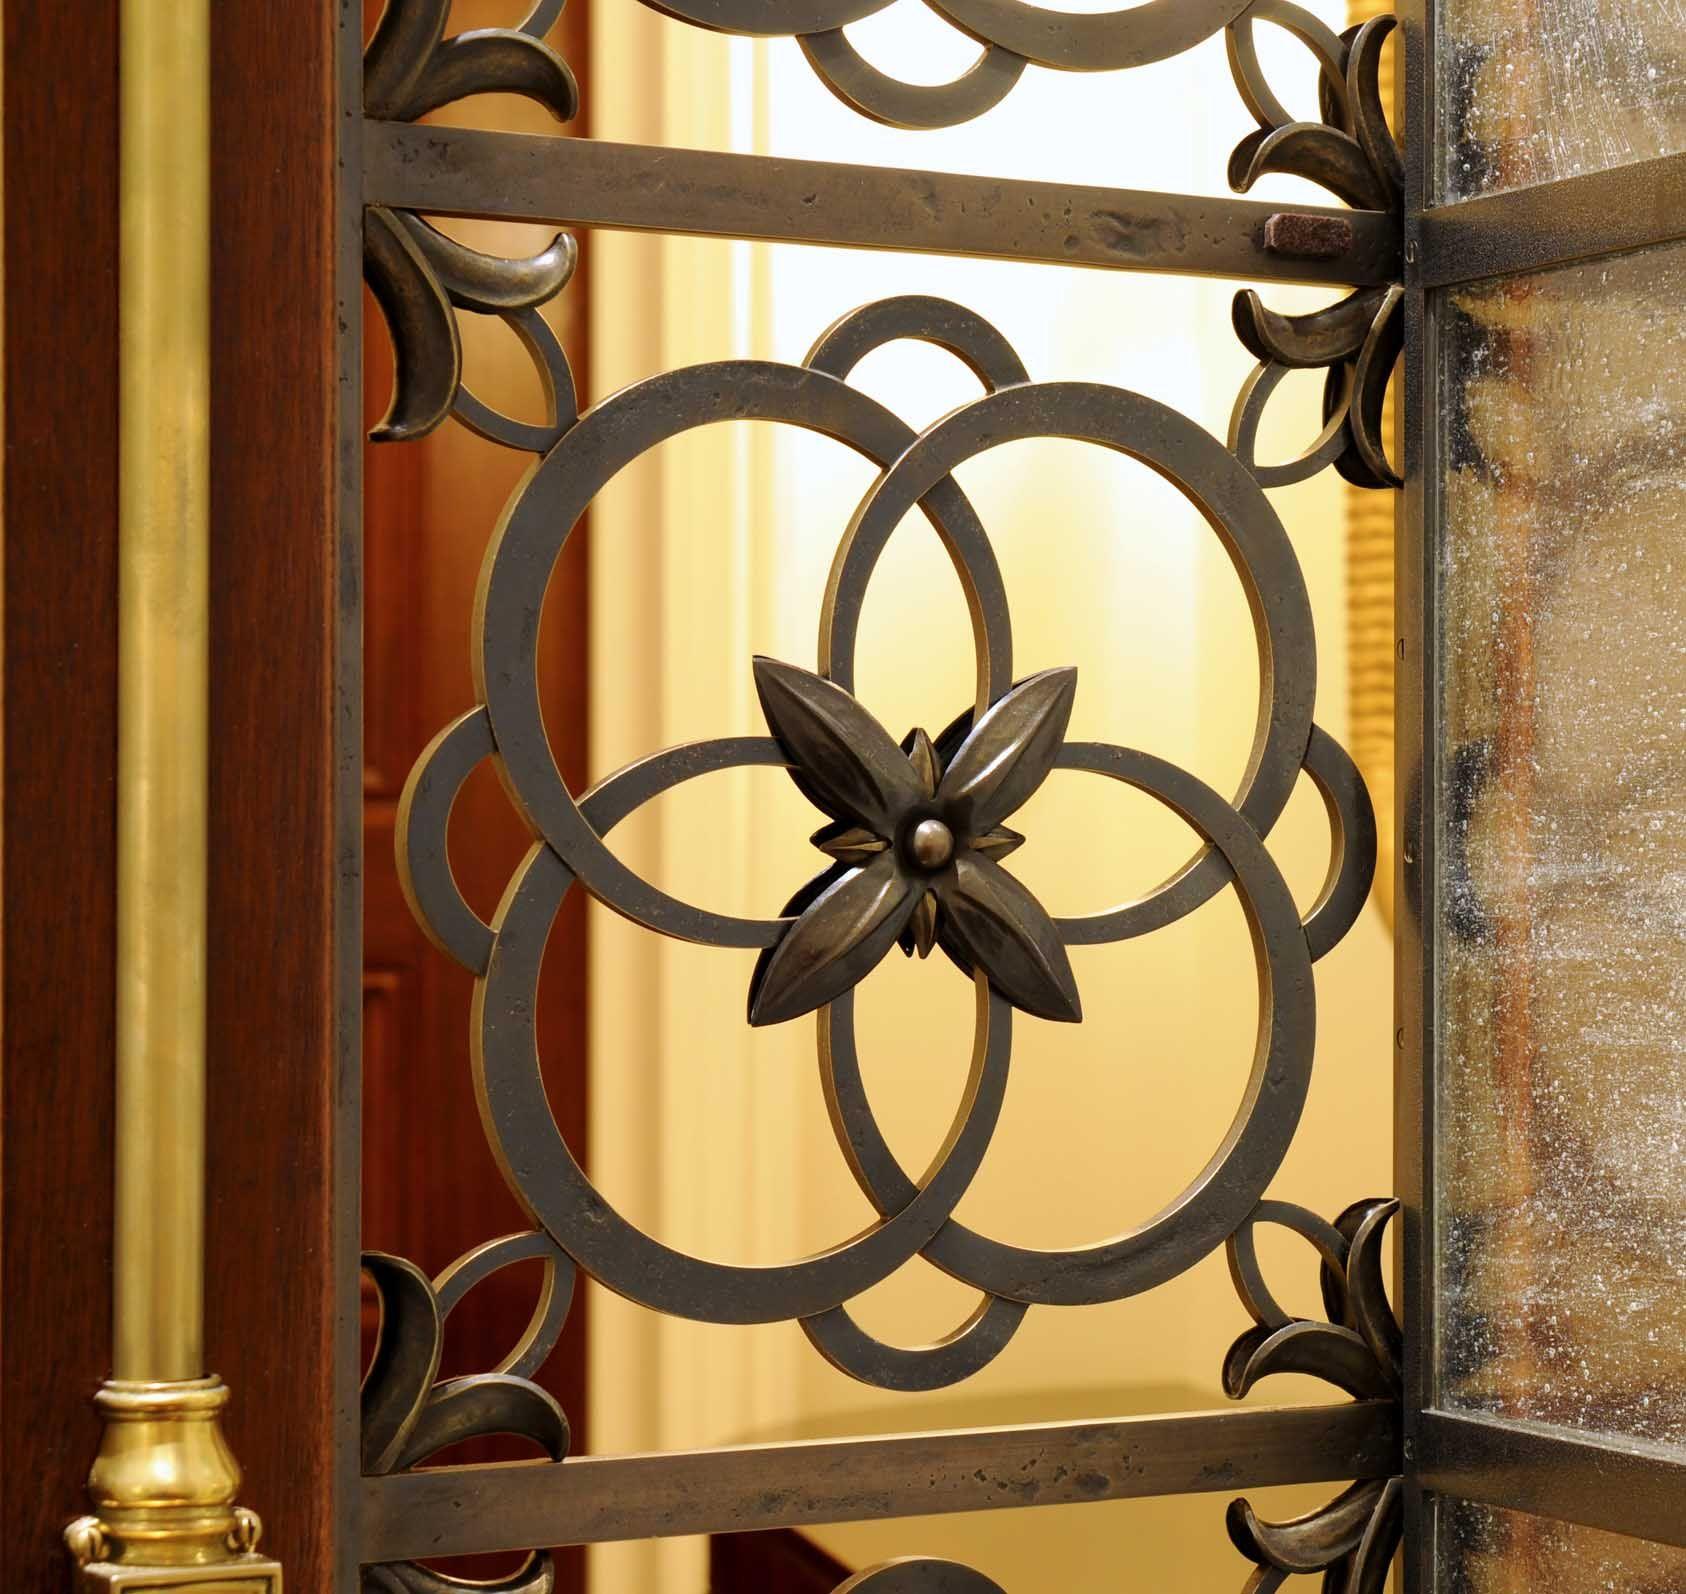 John b murray architect flower grille detail details pinterest